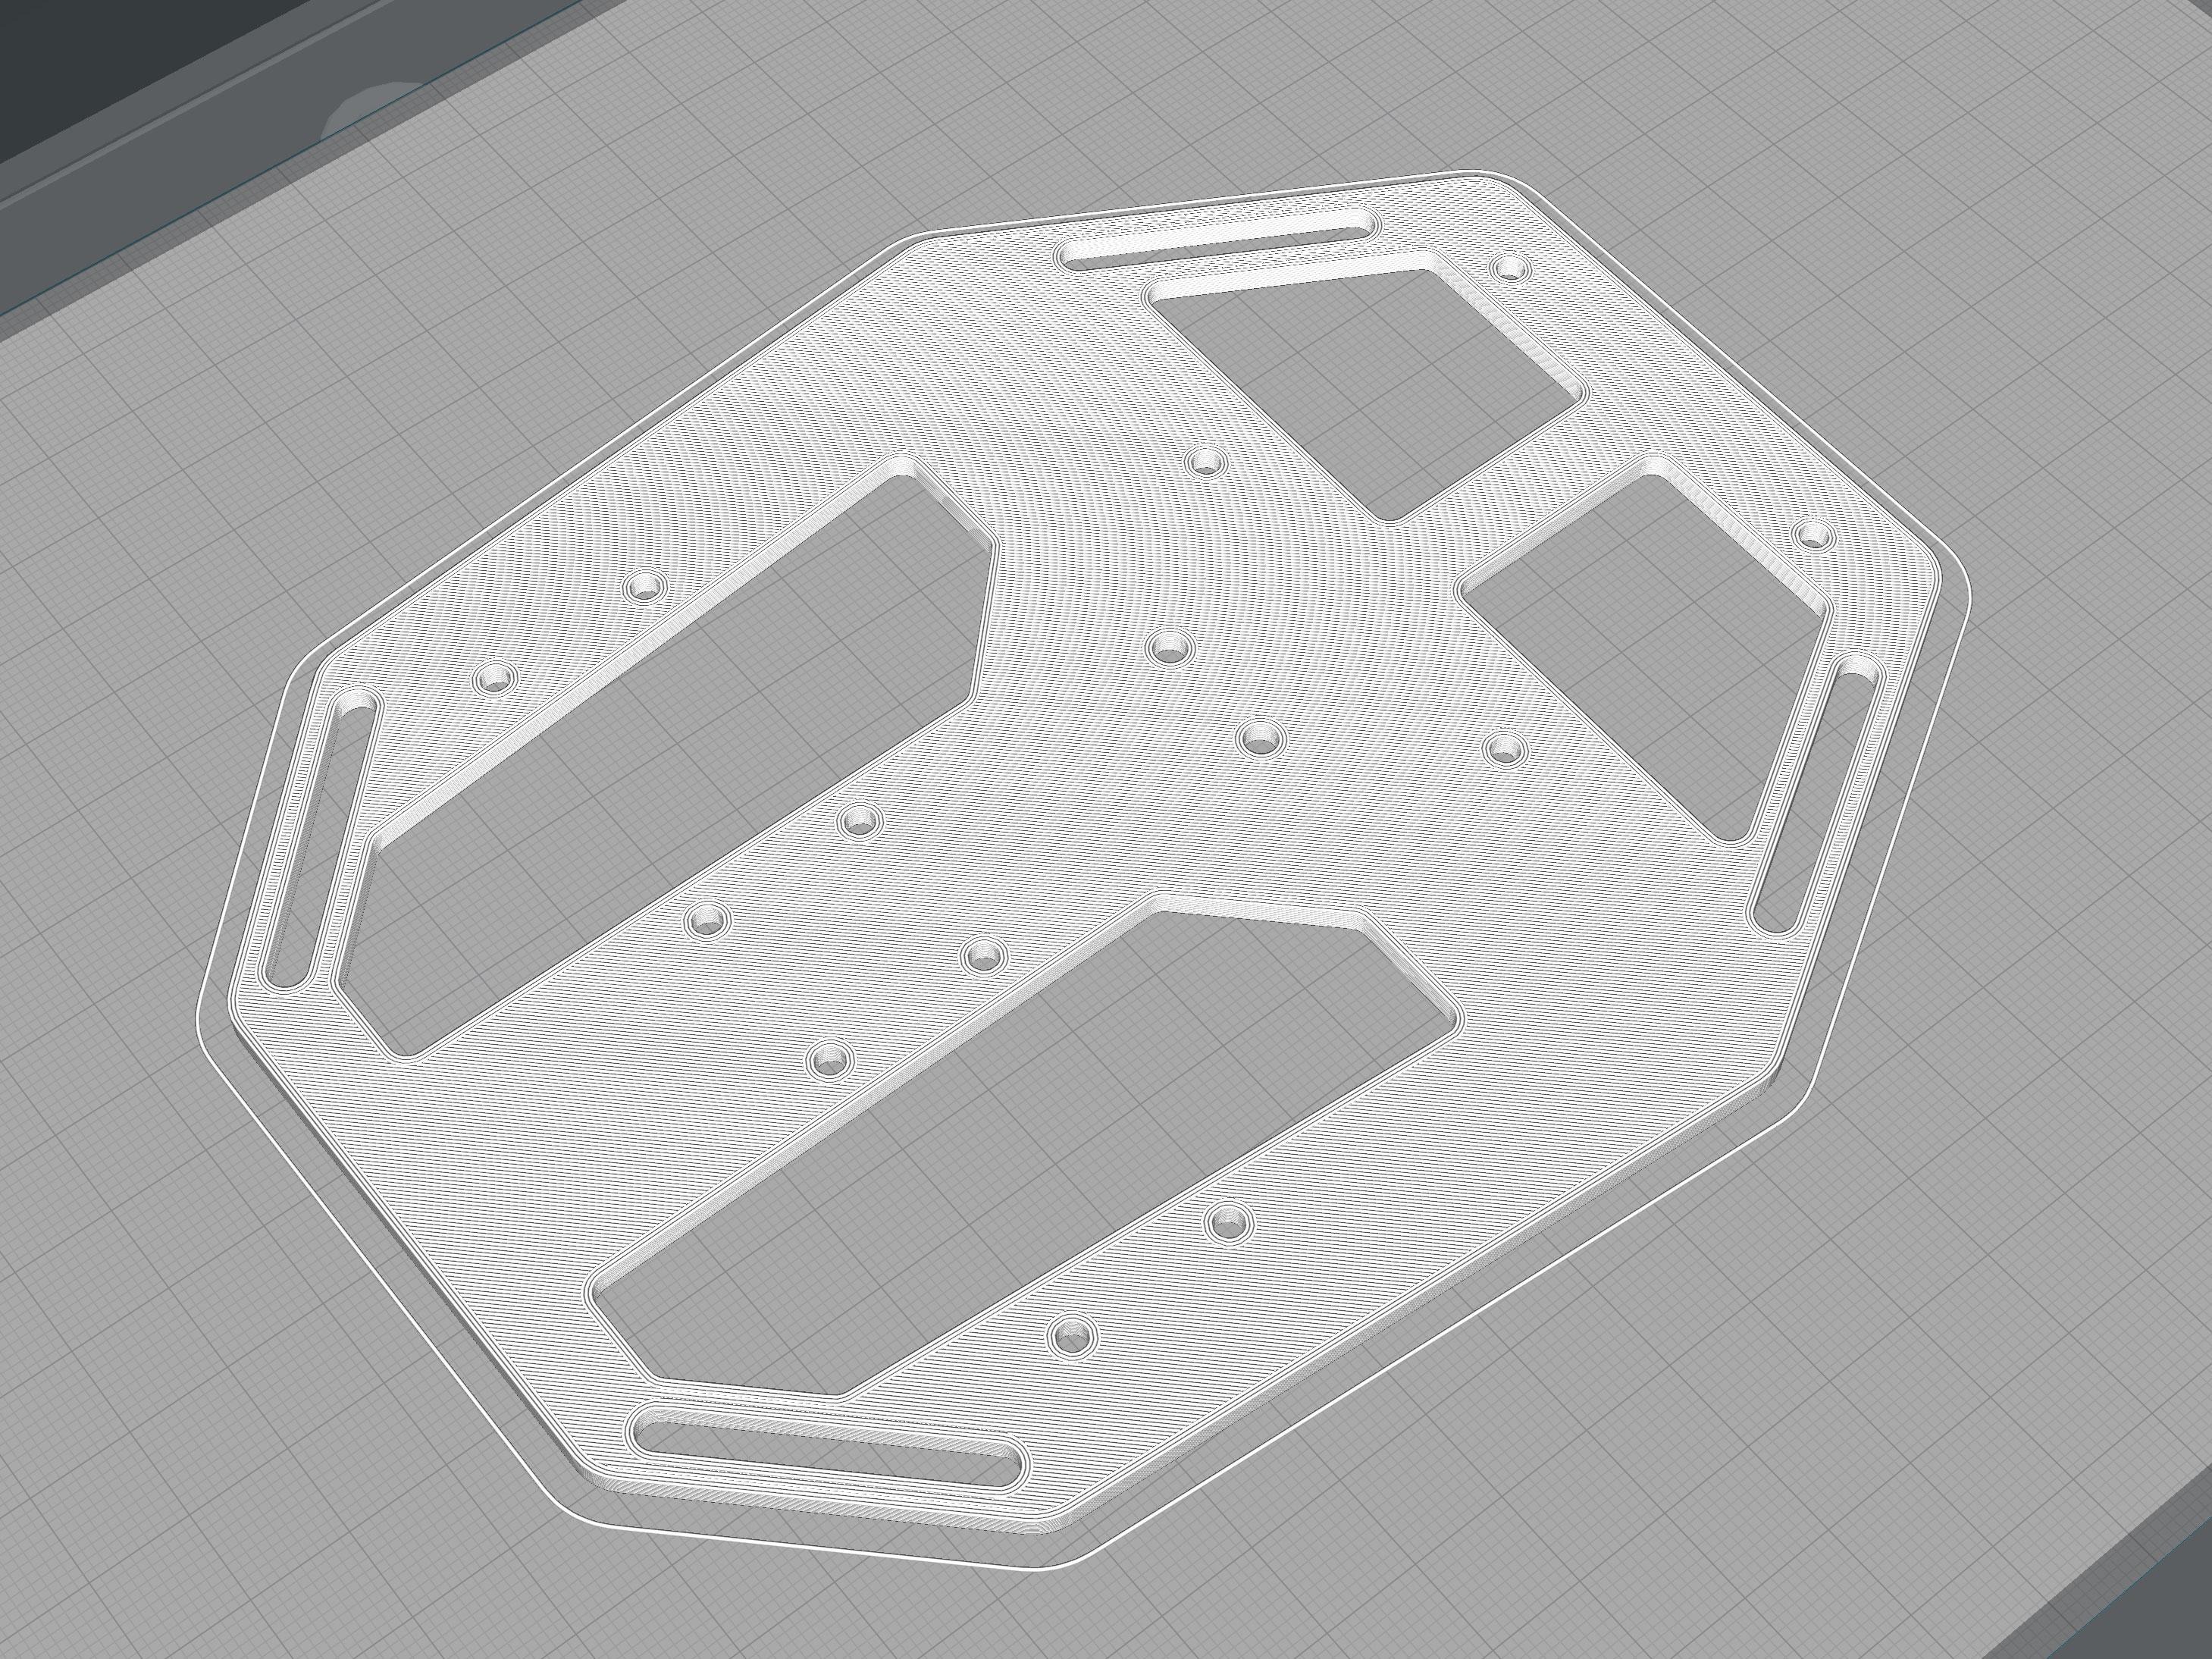 3d_printing_backplate-slice.jpg